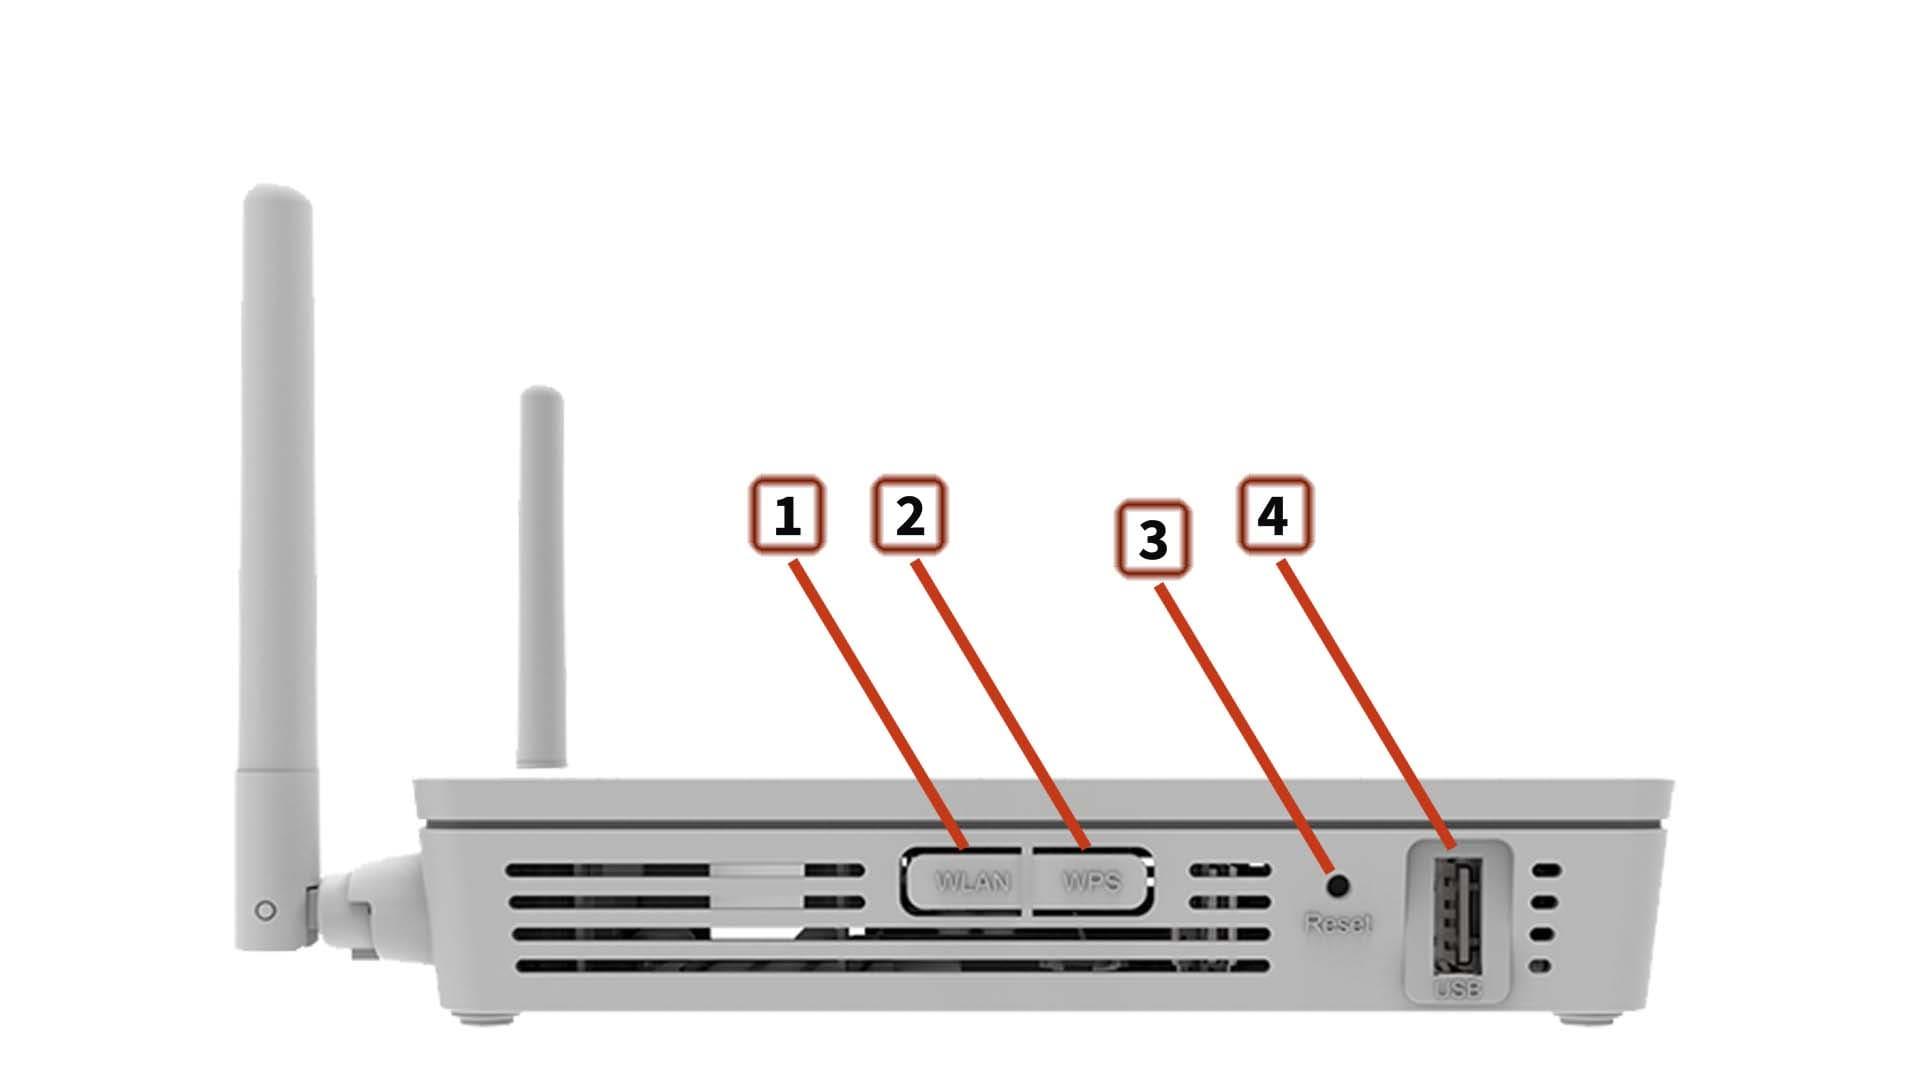 Оптический модем Huawei HG8245H — характеристики и порты